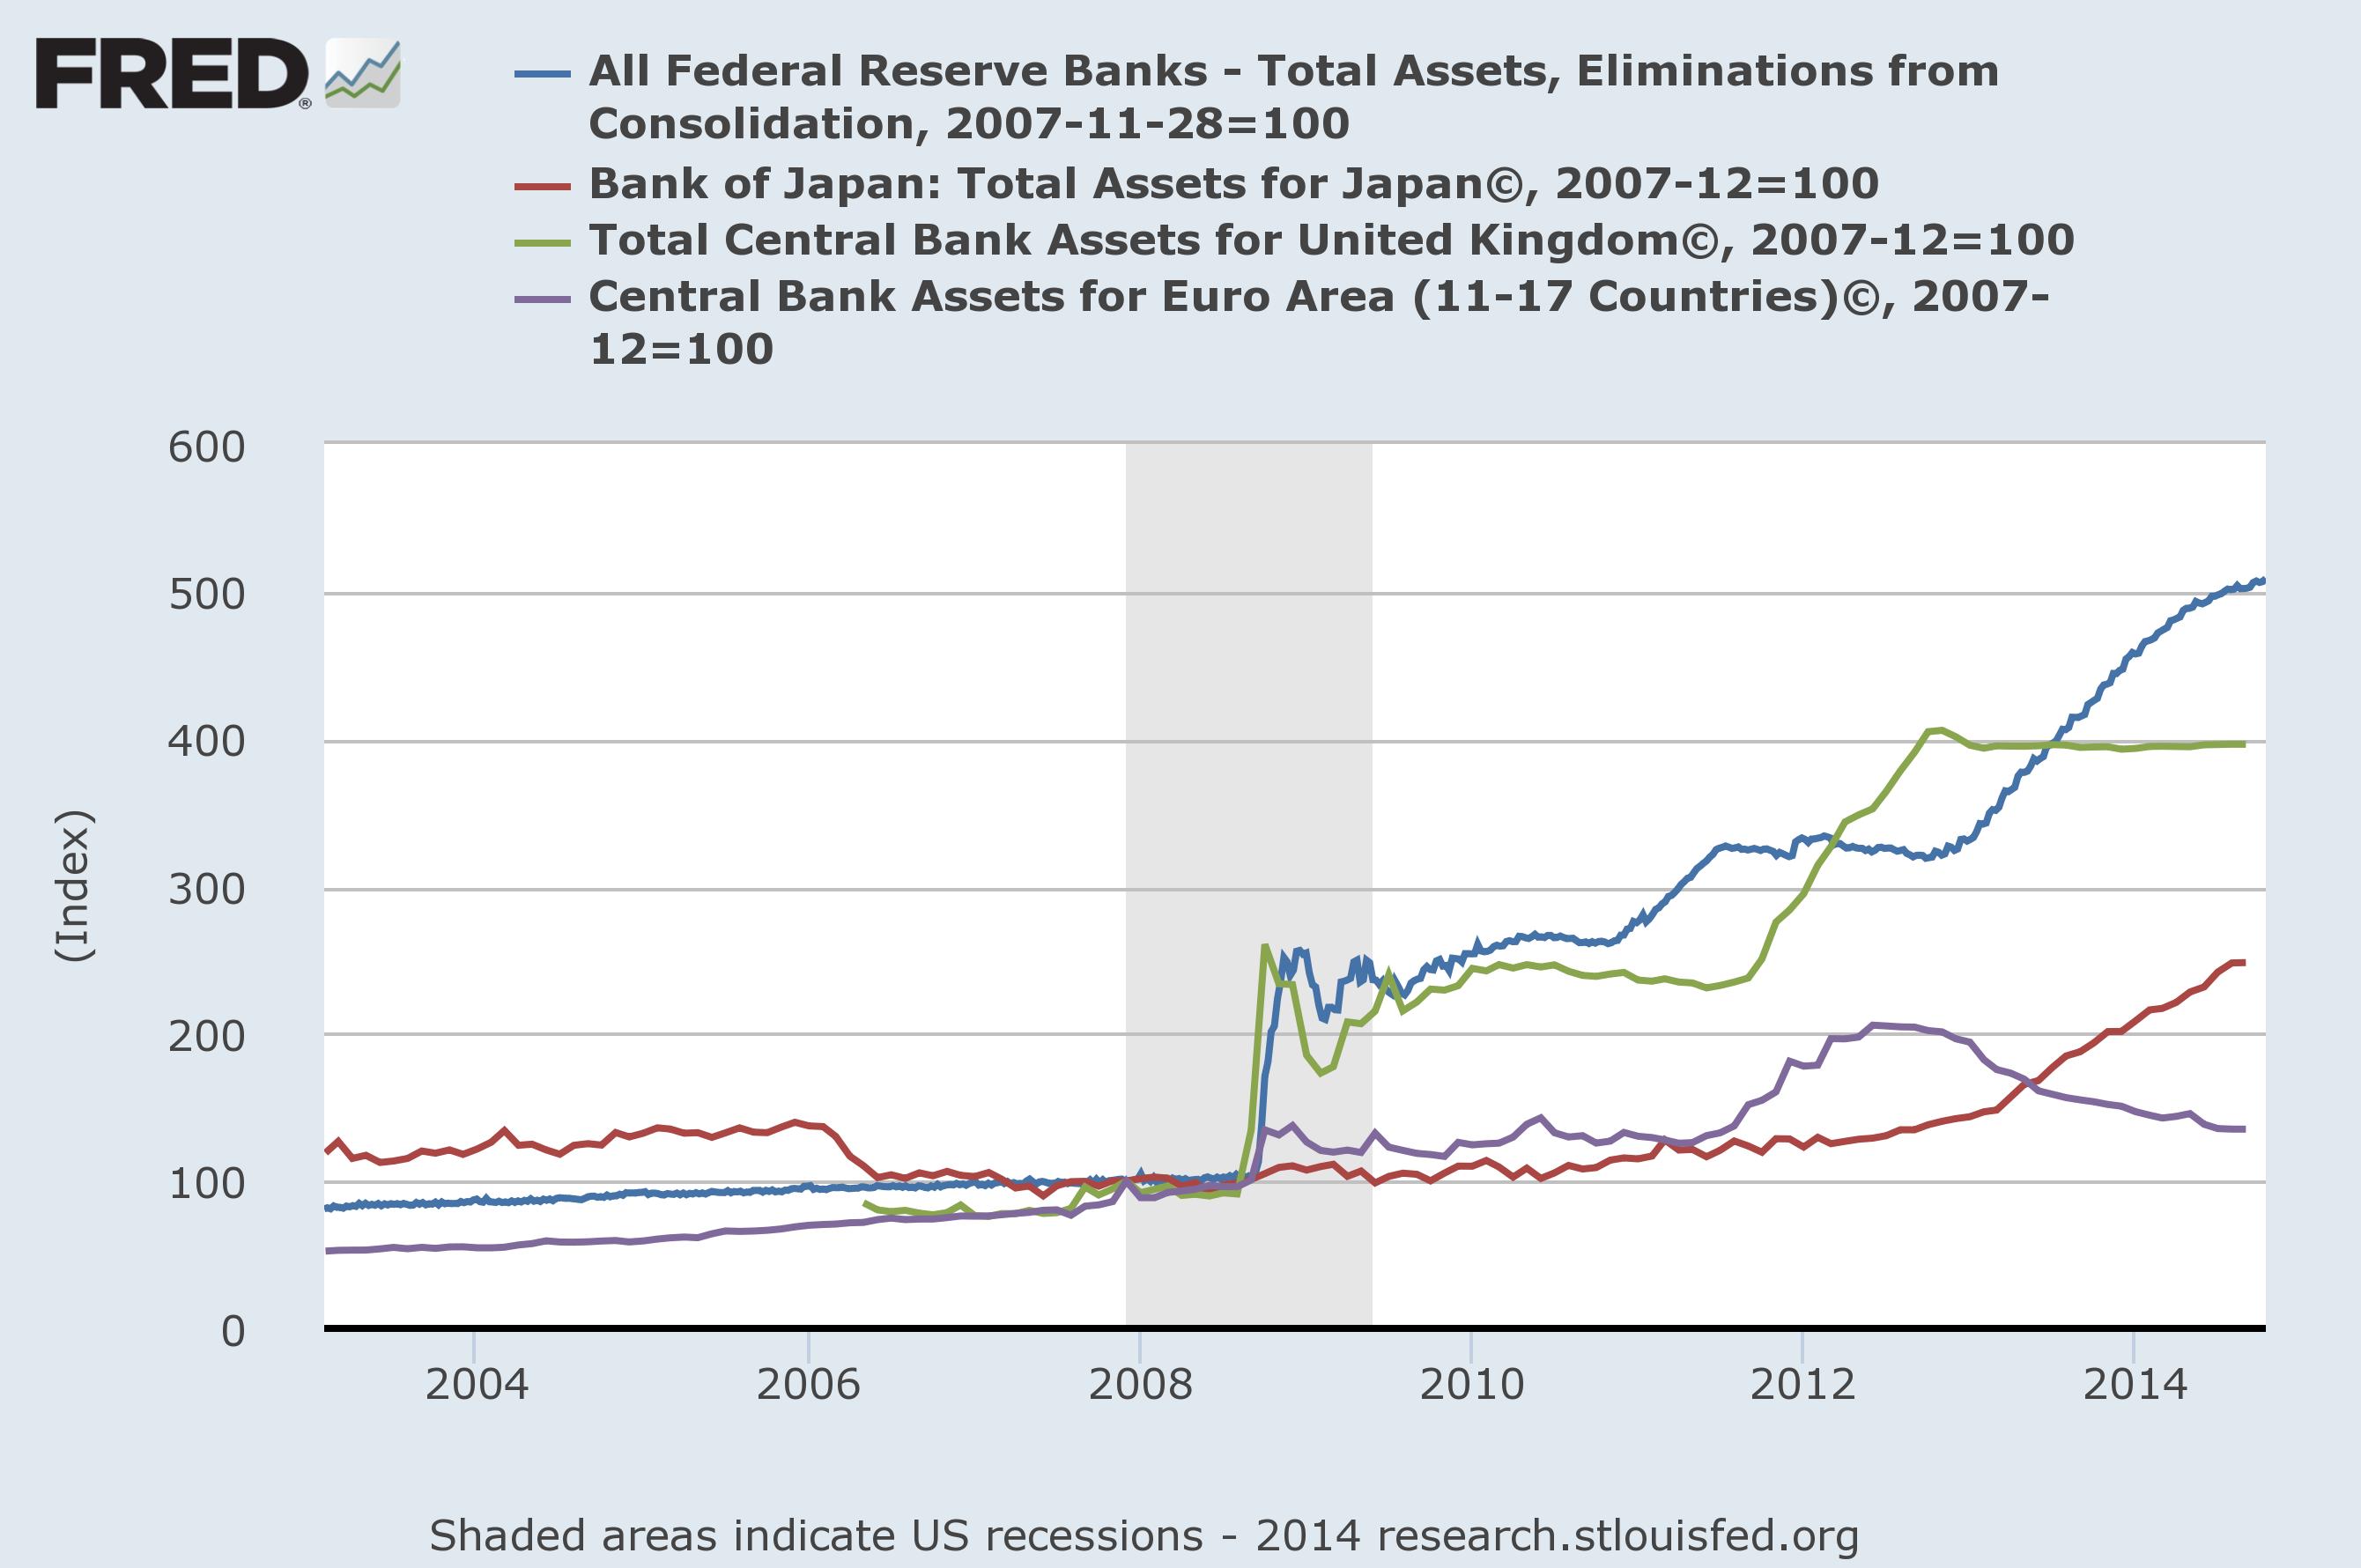 De omvang van de ECB-balans is afgenomen de afgelopen jaren; die van de Federal Reserve is echter flink toegenomen en zal niet zondermeer krimpen zoals bij de ECB het geval was